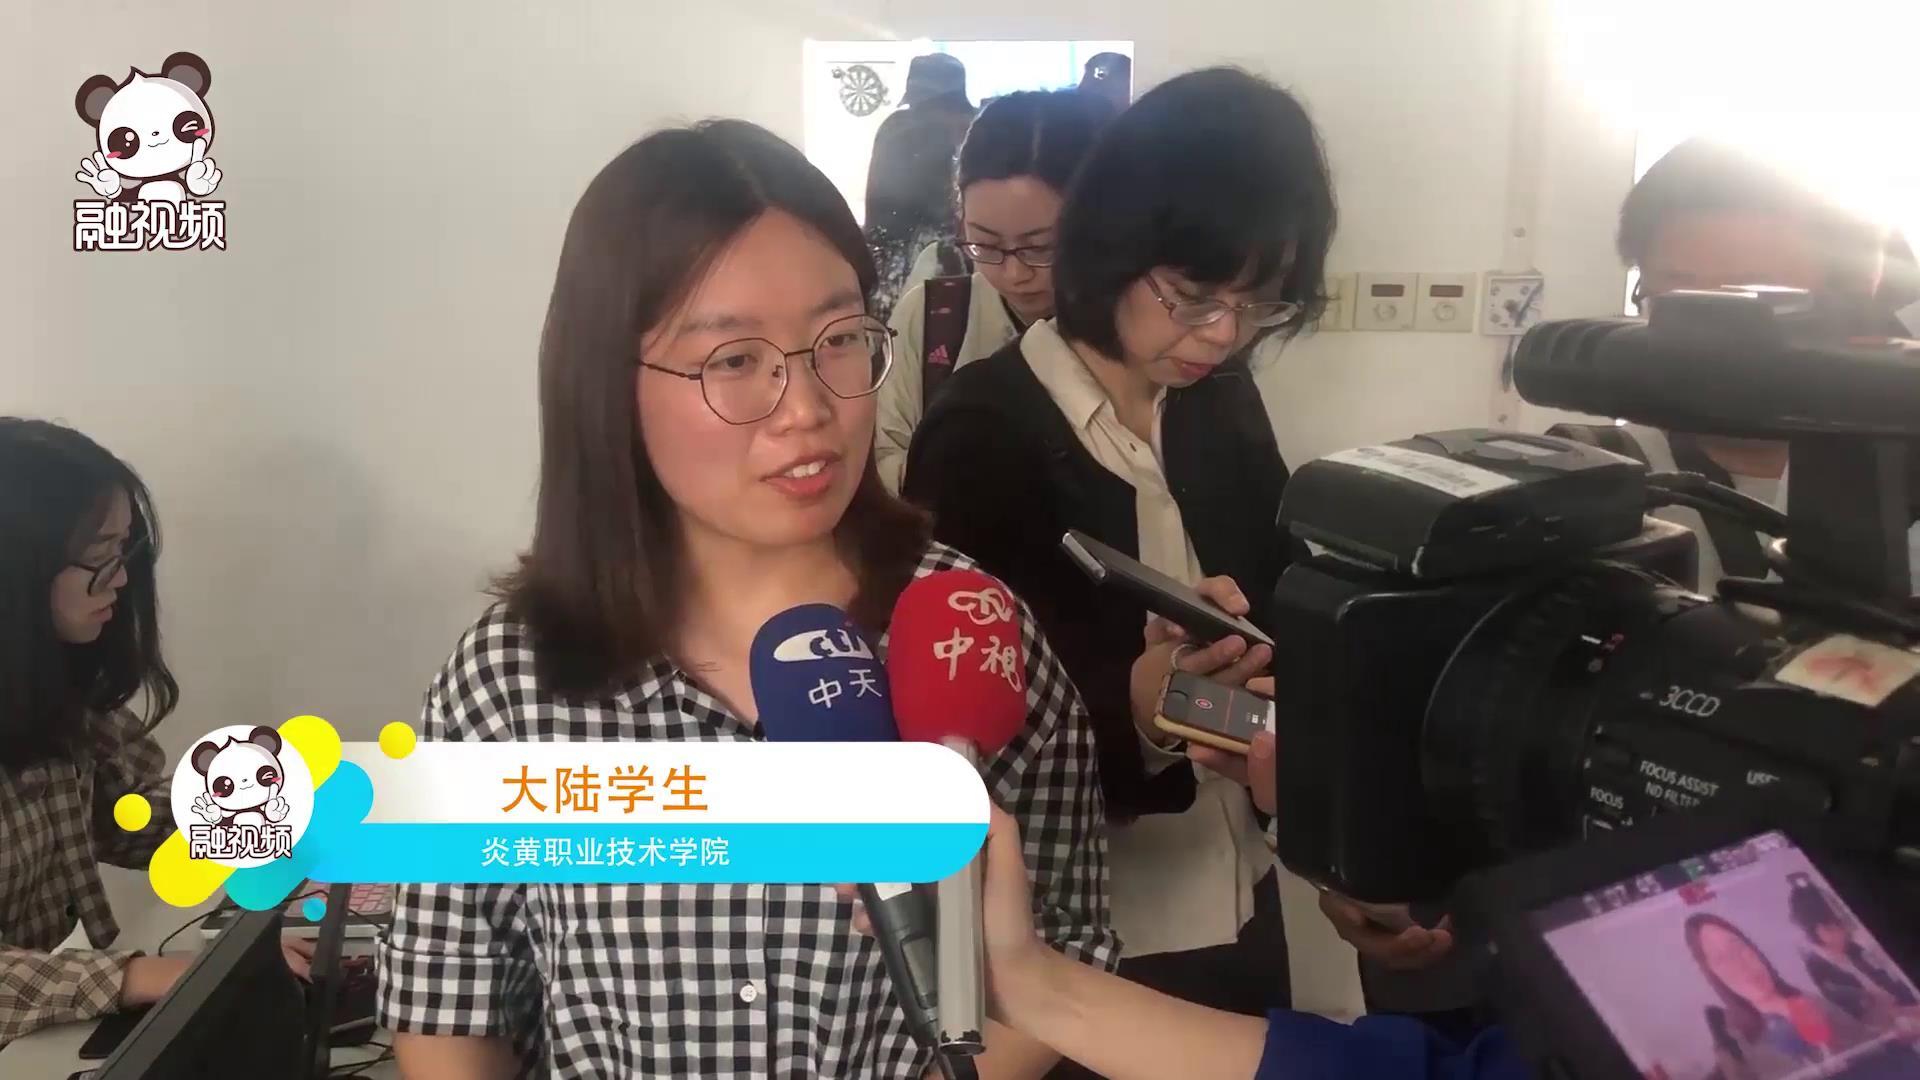 炎黃學院大陸學生:臺灣老師萌萌噠,沒有距離感圖片